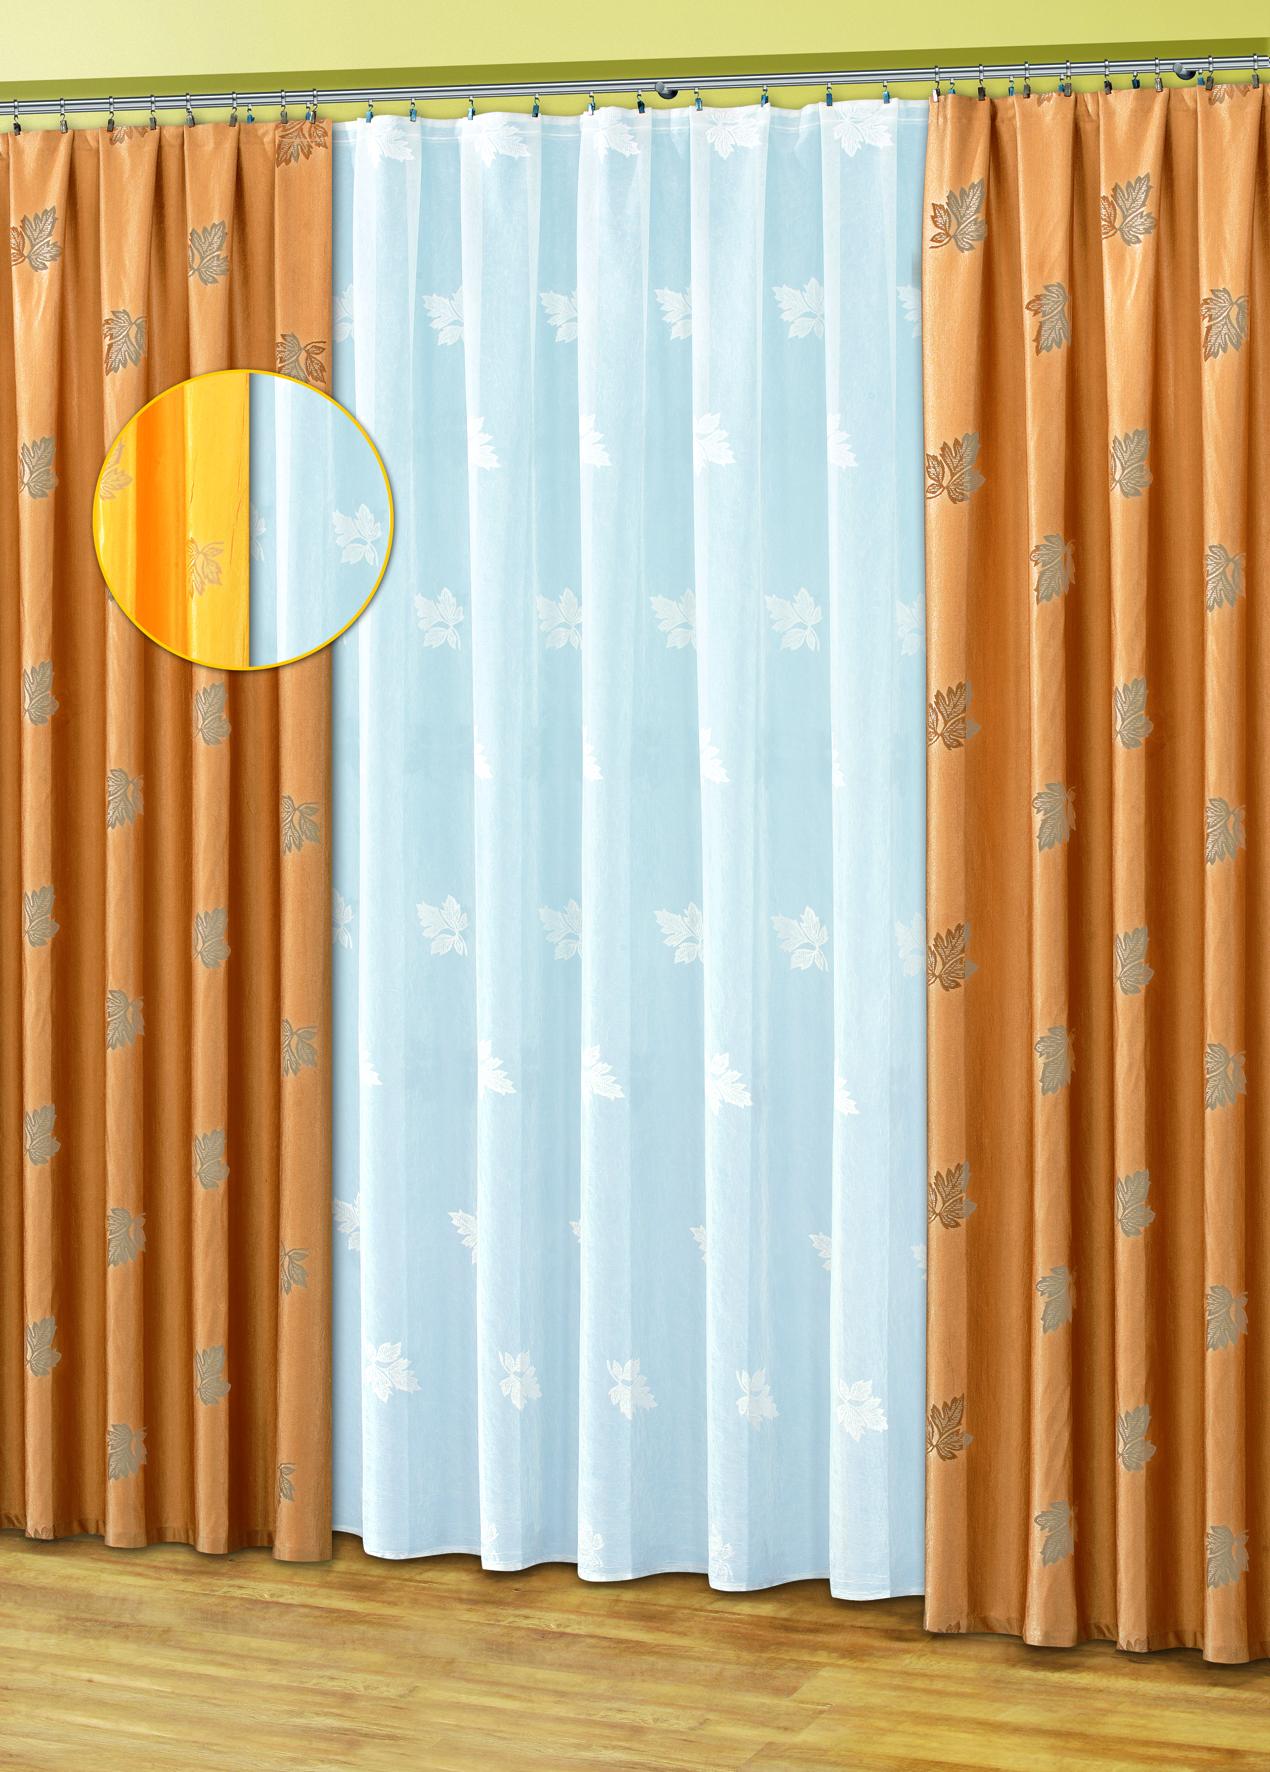 Комплект штор HAFT 250*500+170*250*2. 50110/25050110/250Комплект штор XAFT 250*500+170*250*2. 50110/250 Материал: 100% п/э, размер: 250*500+170*250*2, цвет: бежево-золотой